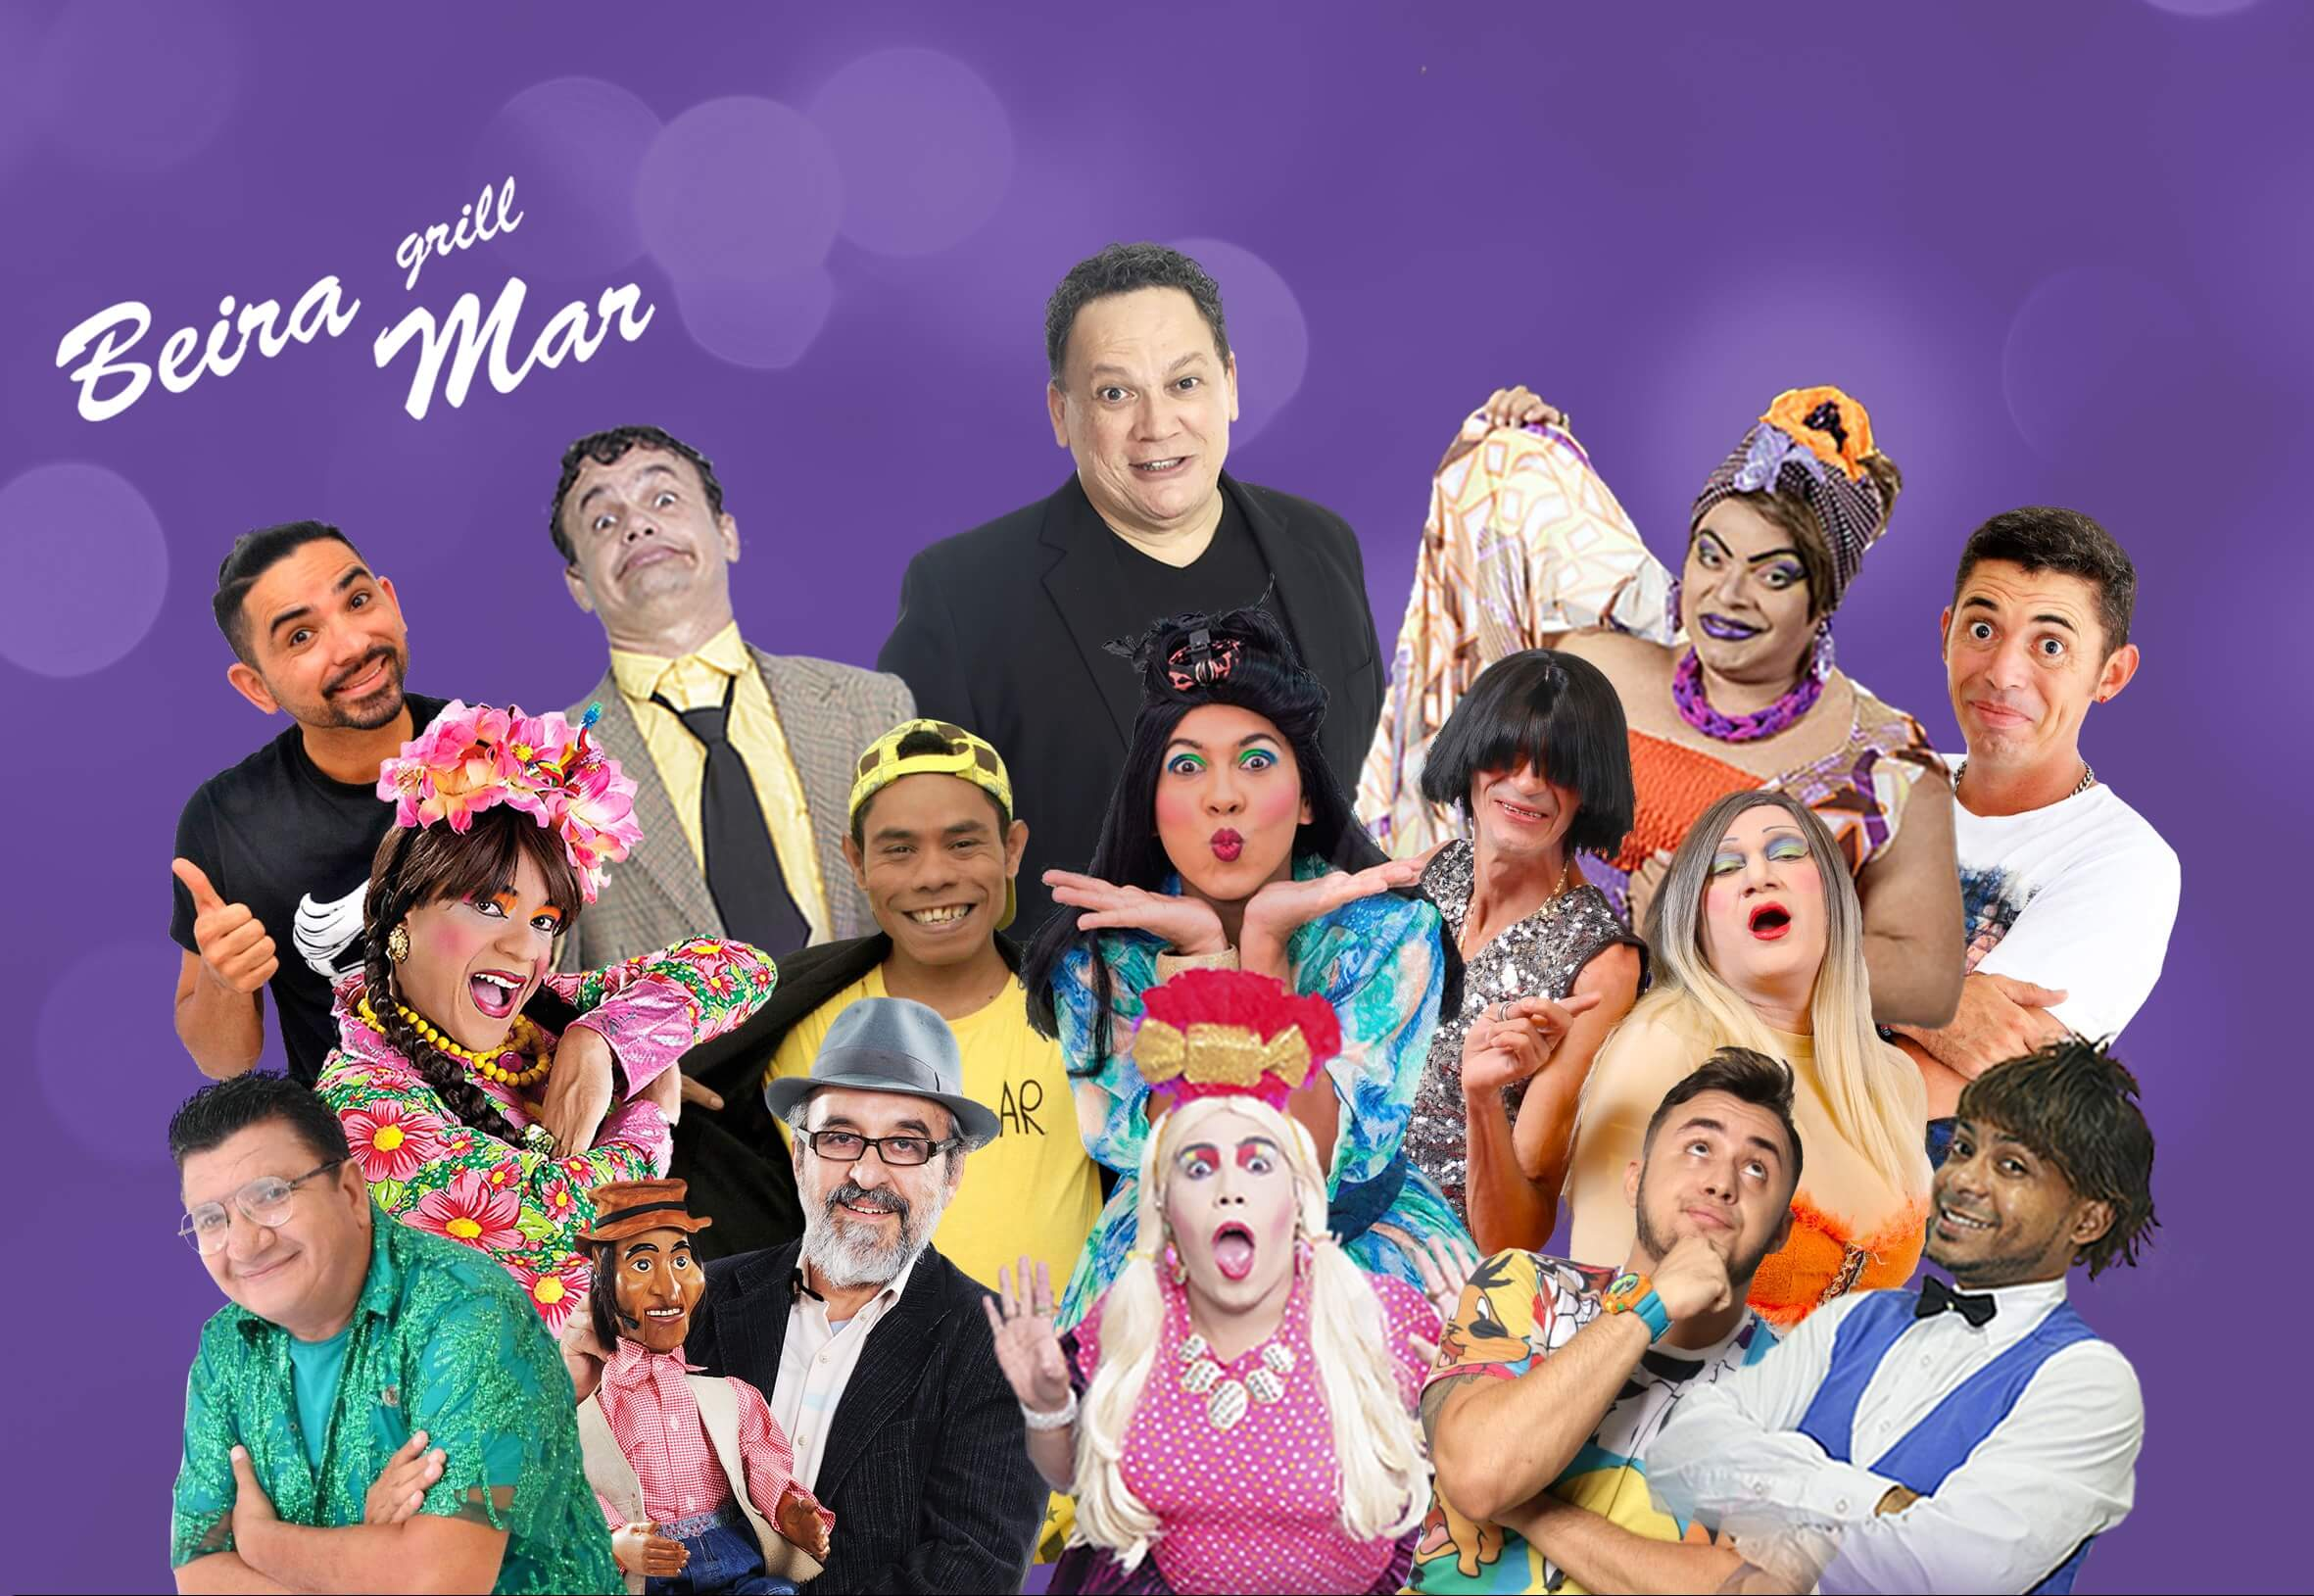 O melhor elenco de humor do Ceará para você dar boas risadas! 1 Ingresso por apenas R$18,90